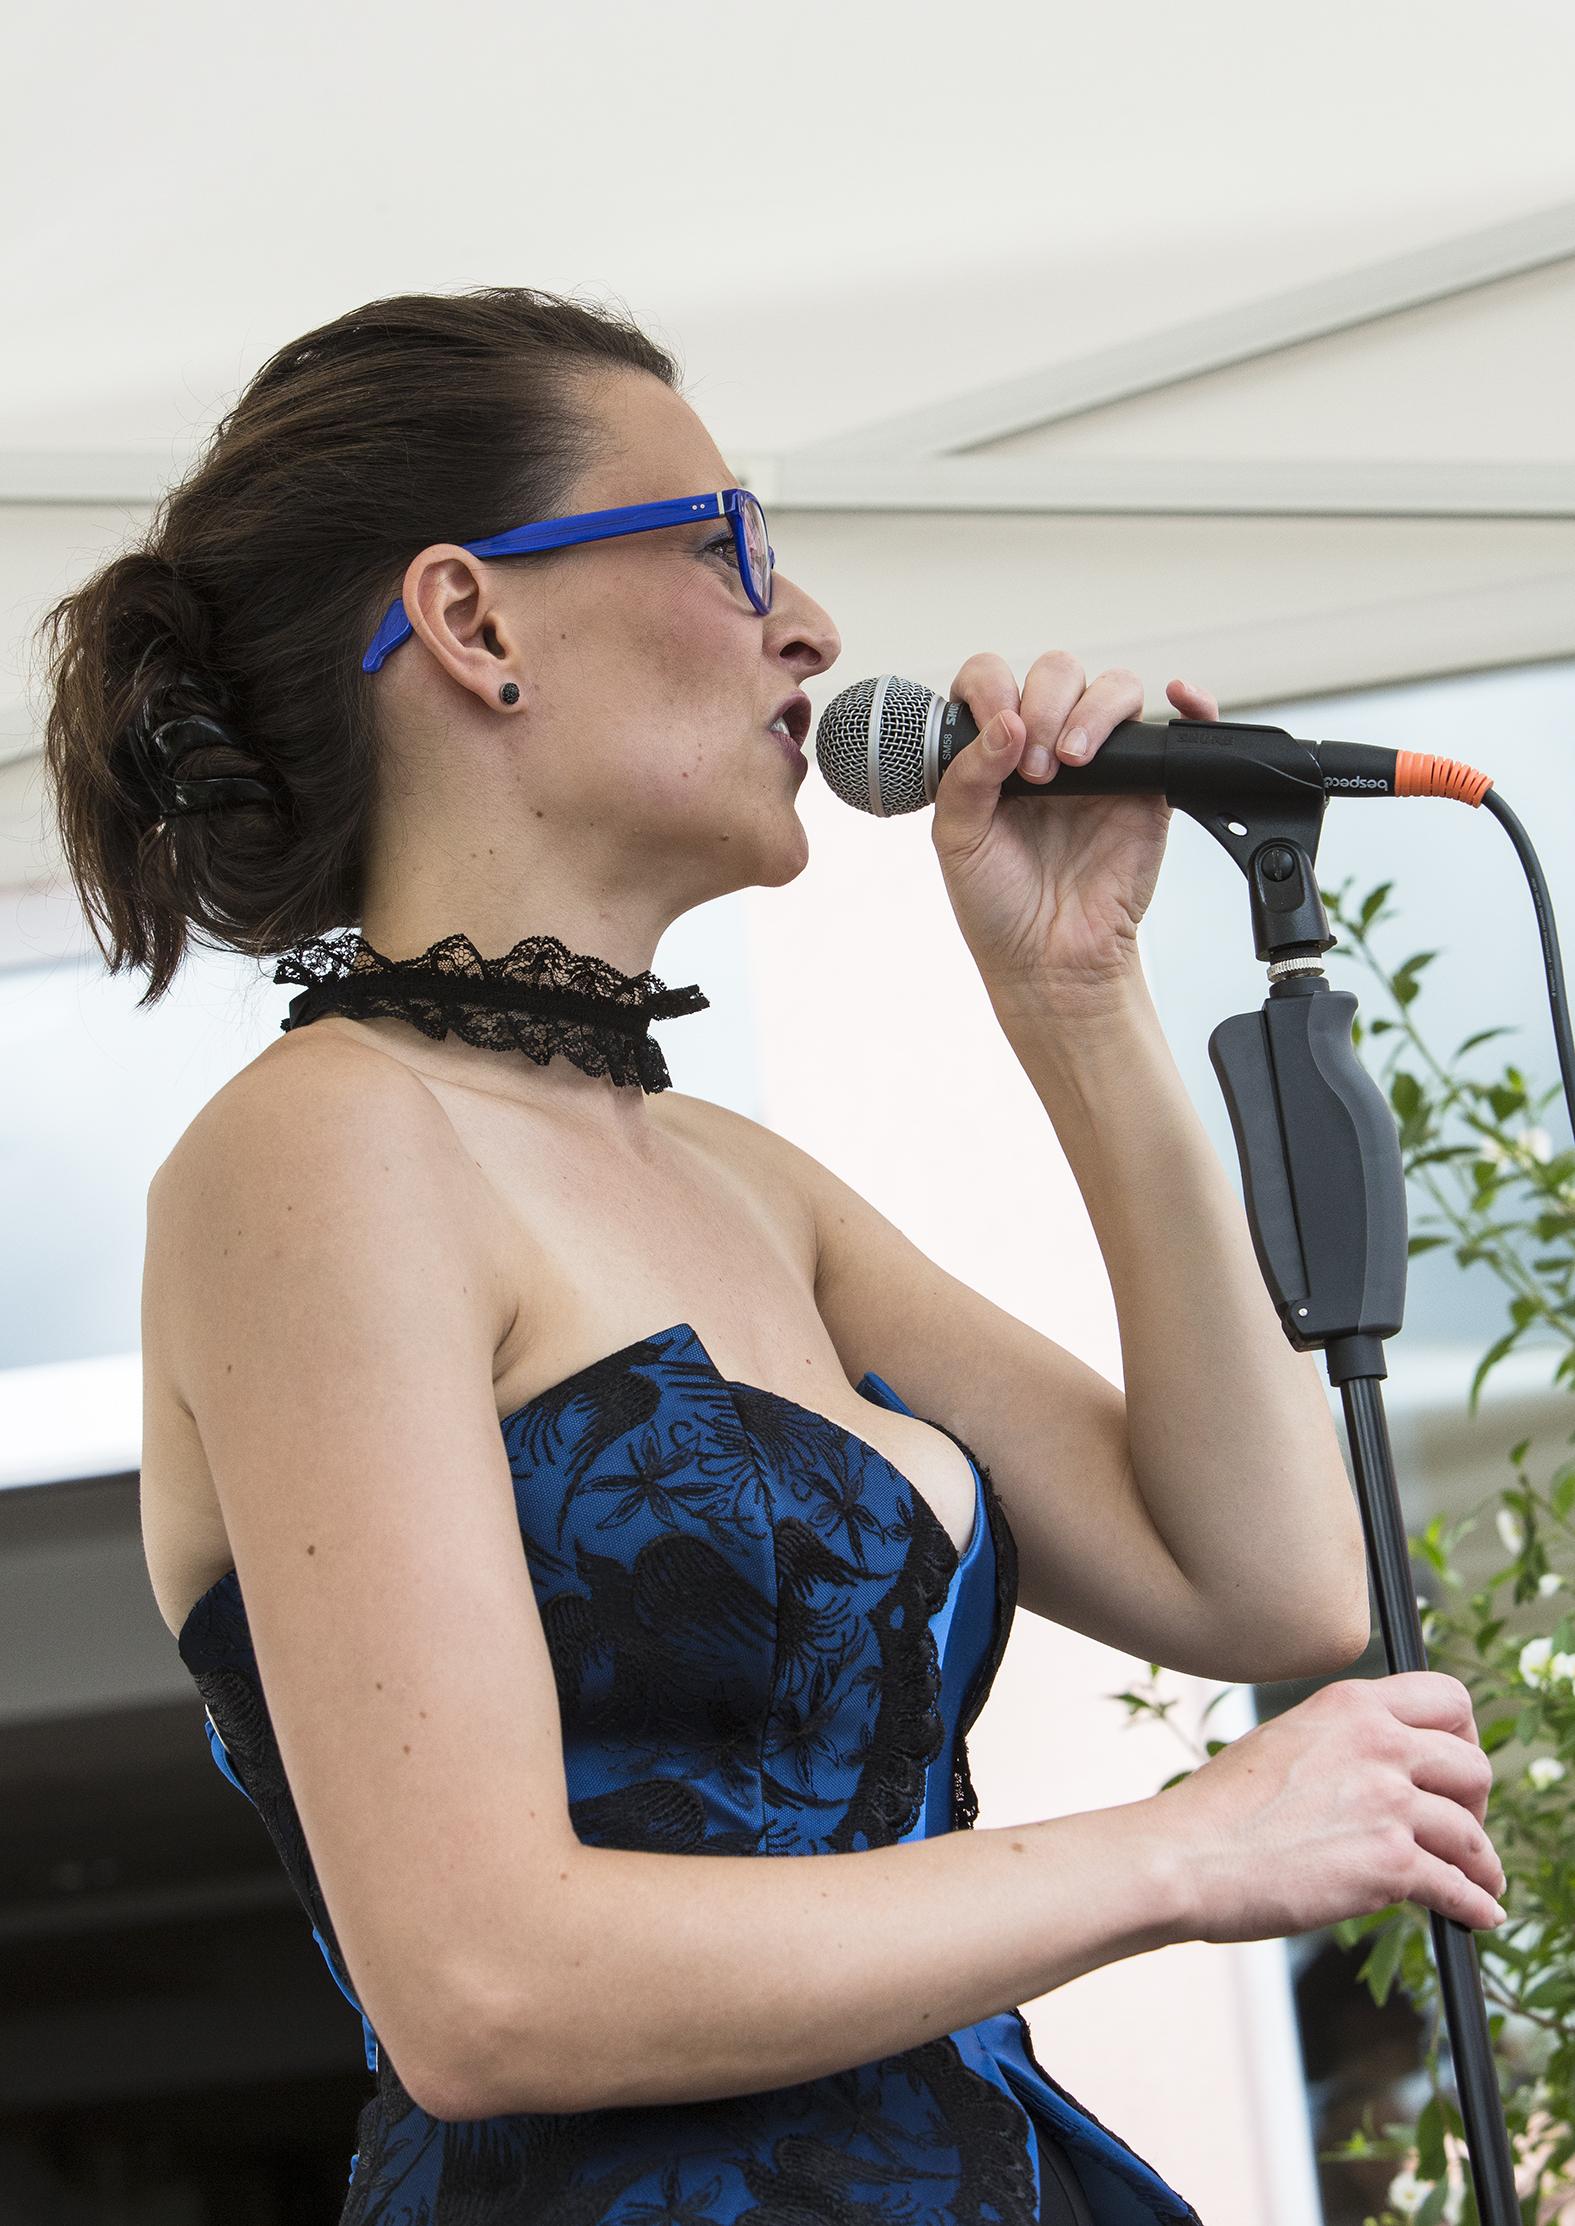 portraits-nadine-holderith-weiss-lfestival-au-gr+¿s-du-jazz-la-petite-pierre-2015-marie-colette-becker-07